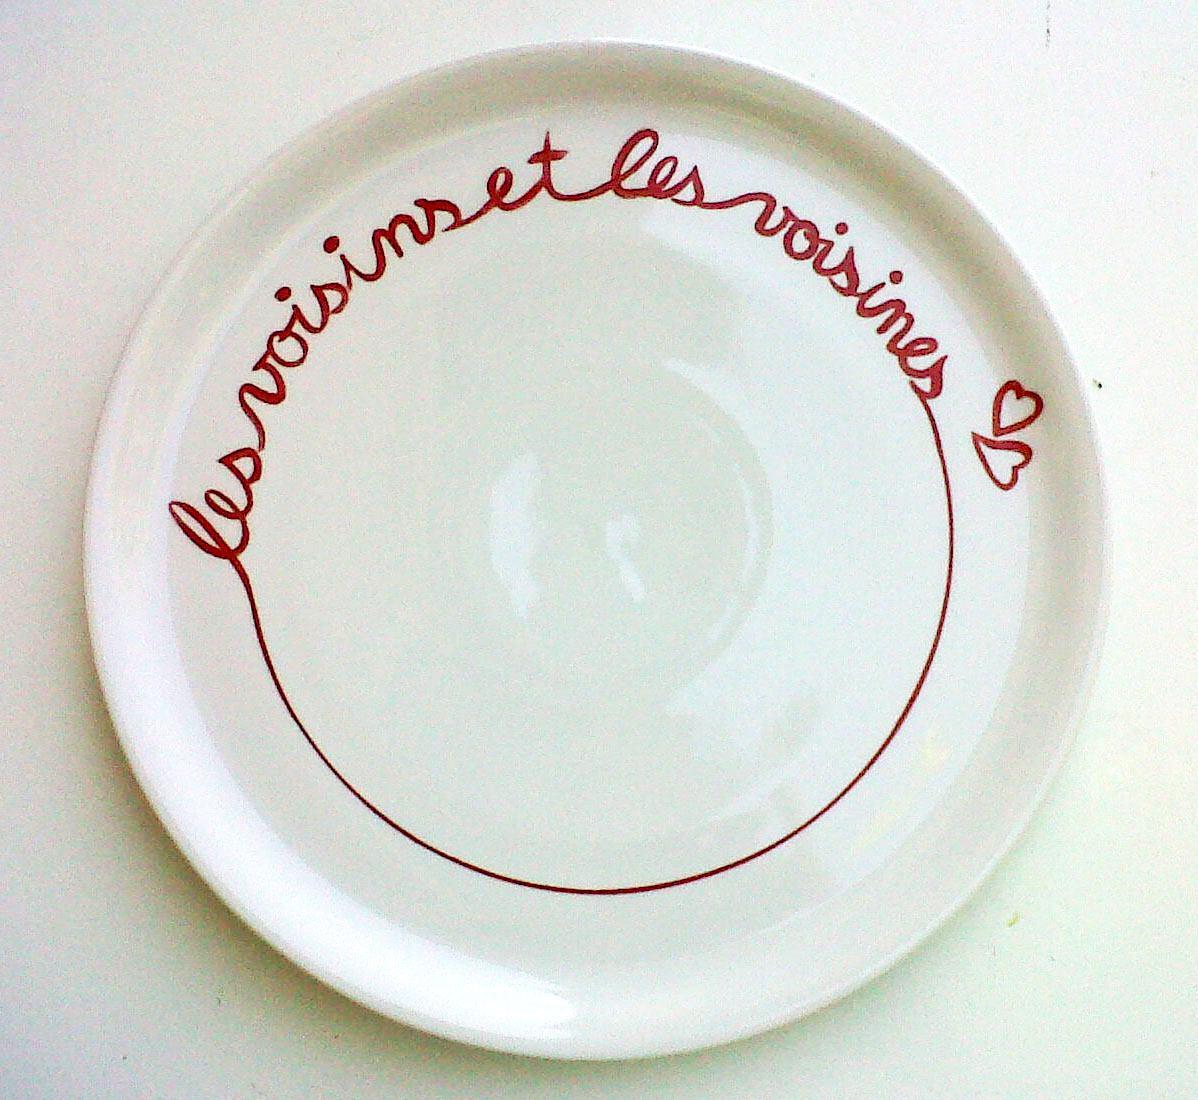 plat à tarte en porcelaine en souvenir des voisins